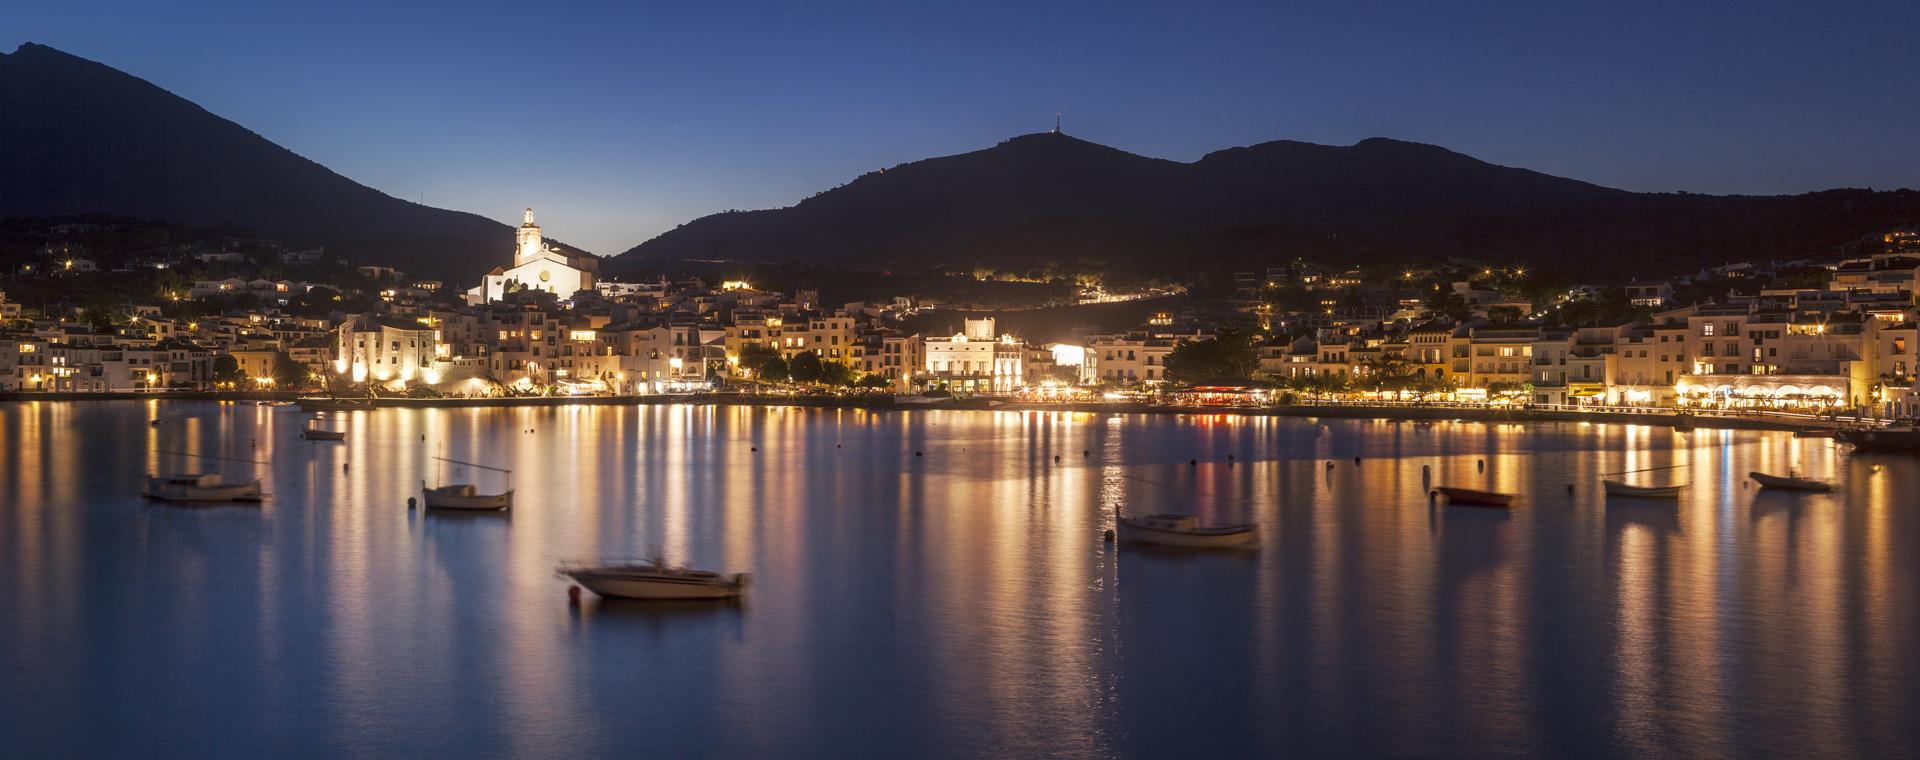 Voyage avec des animaux : Réveillon dans la baie de Cadaqués